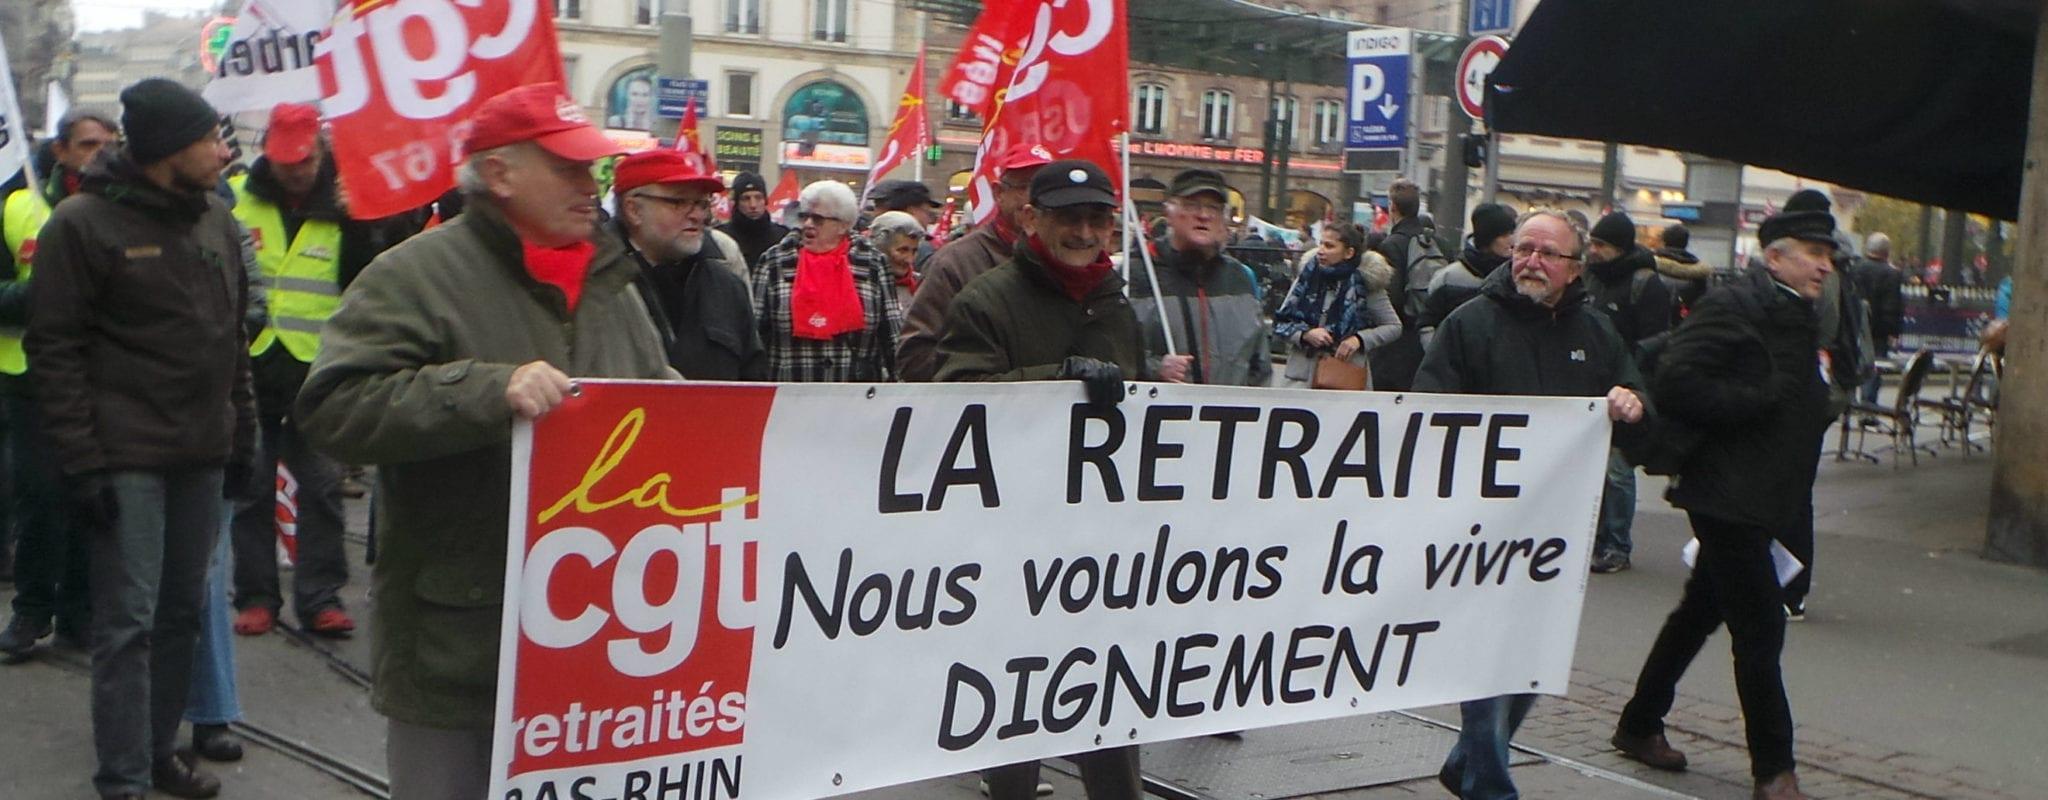 11e manifestation contre la réforme des retraites jeudi